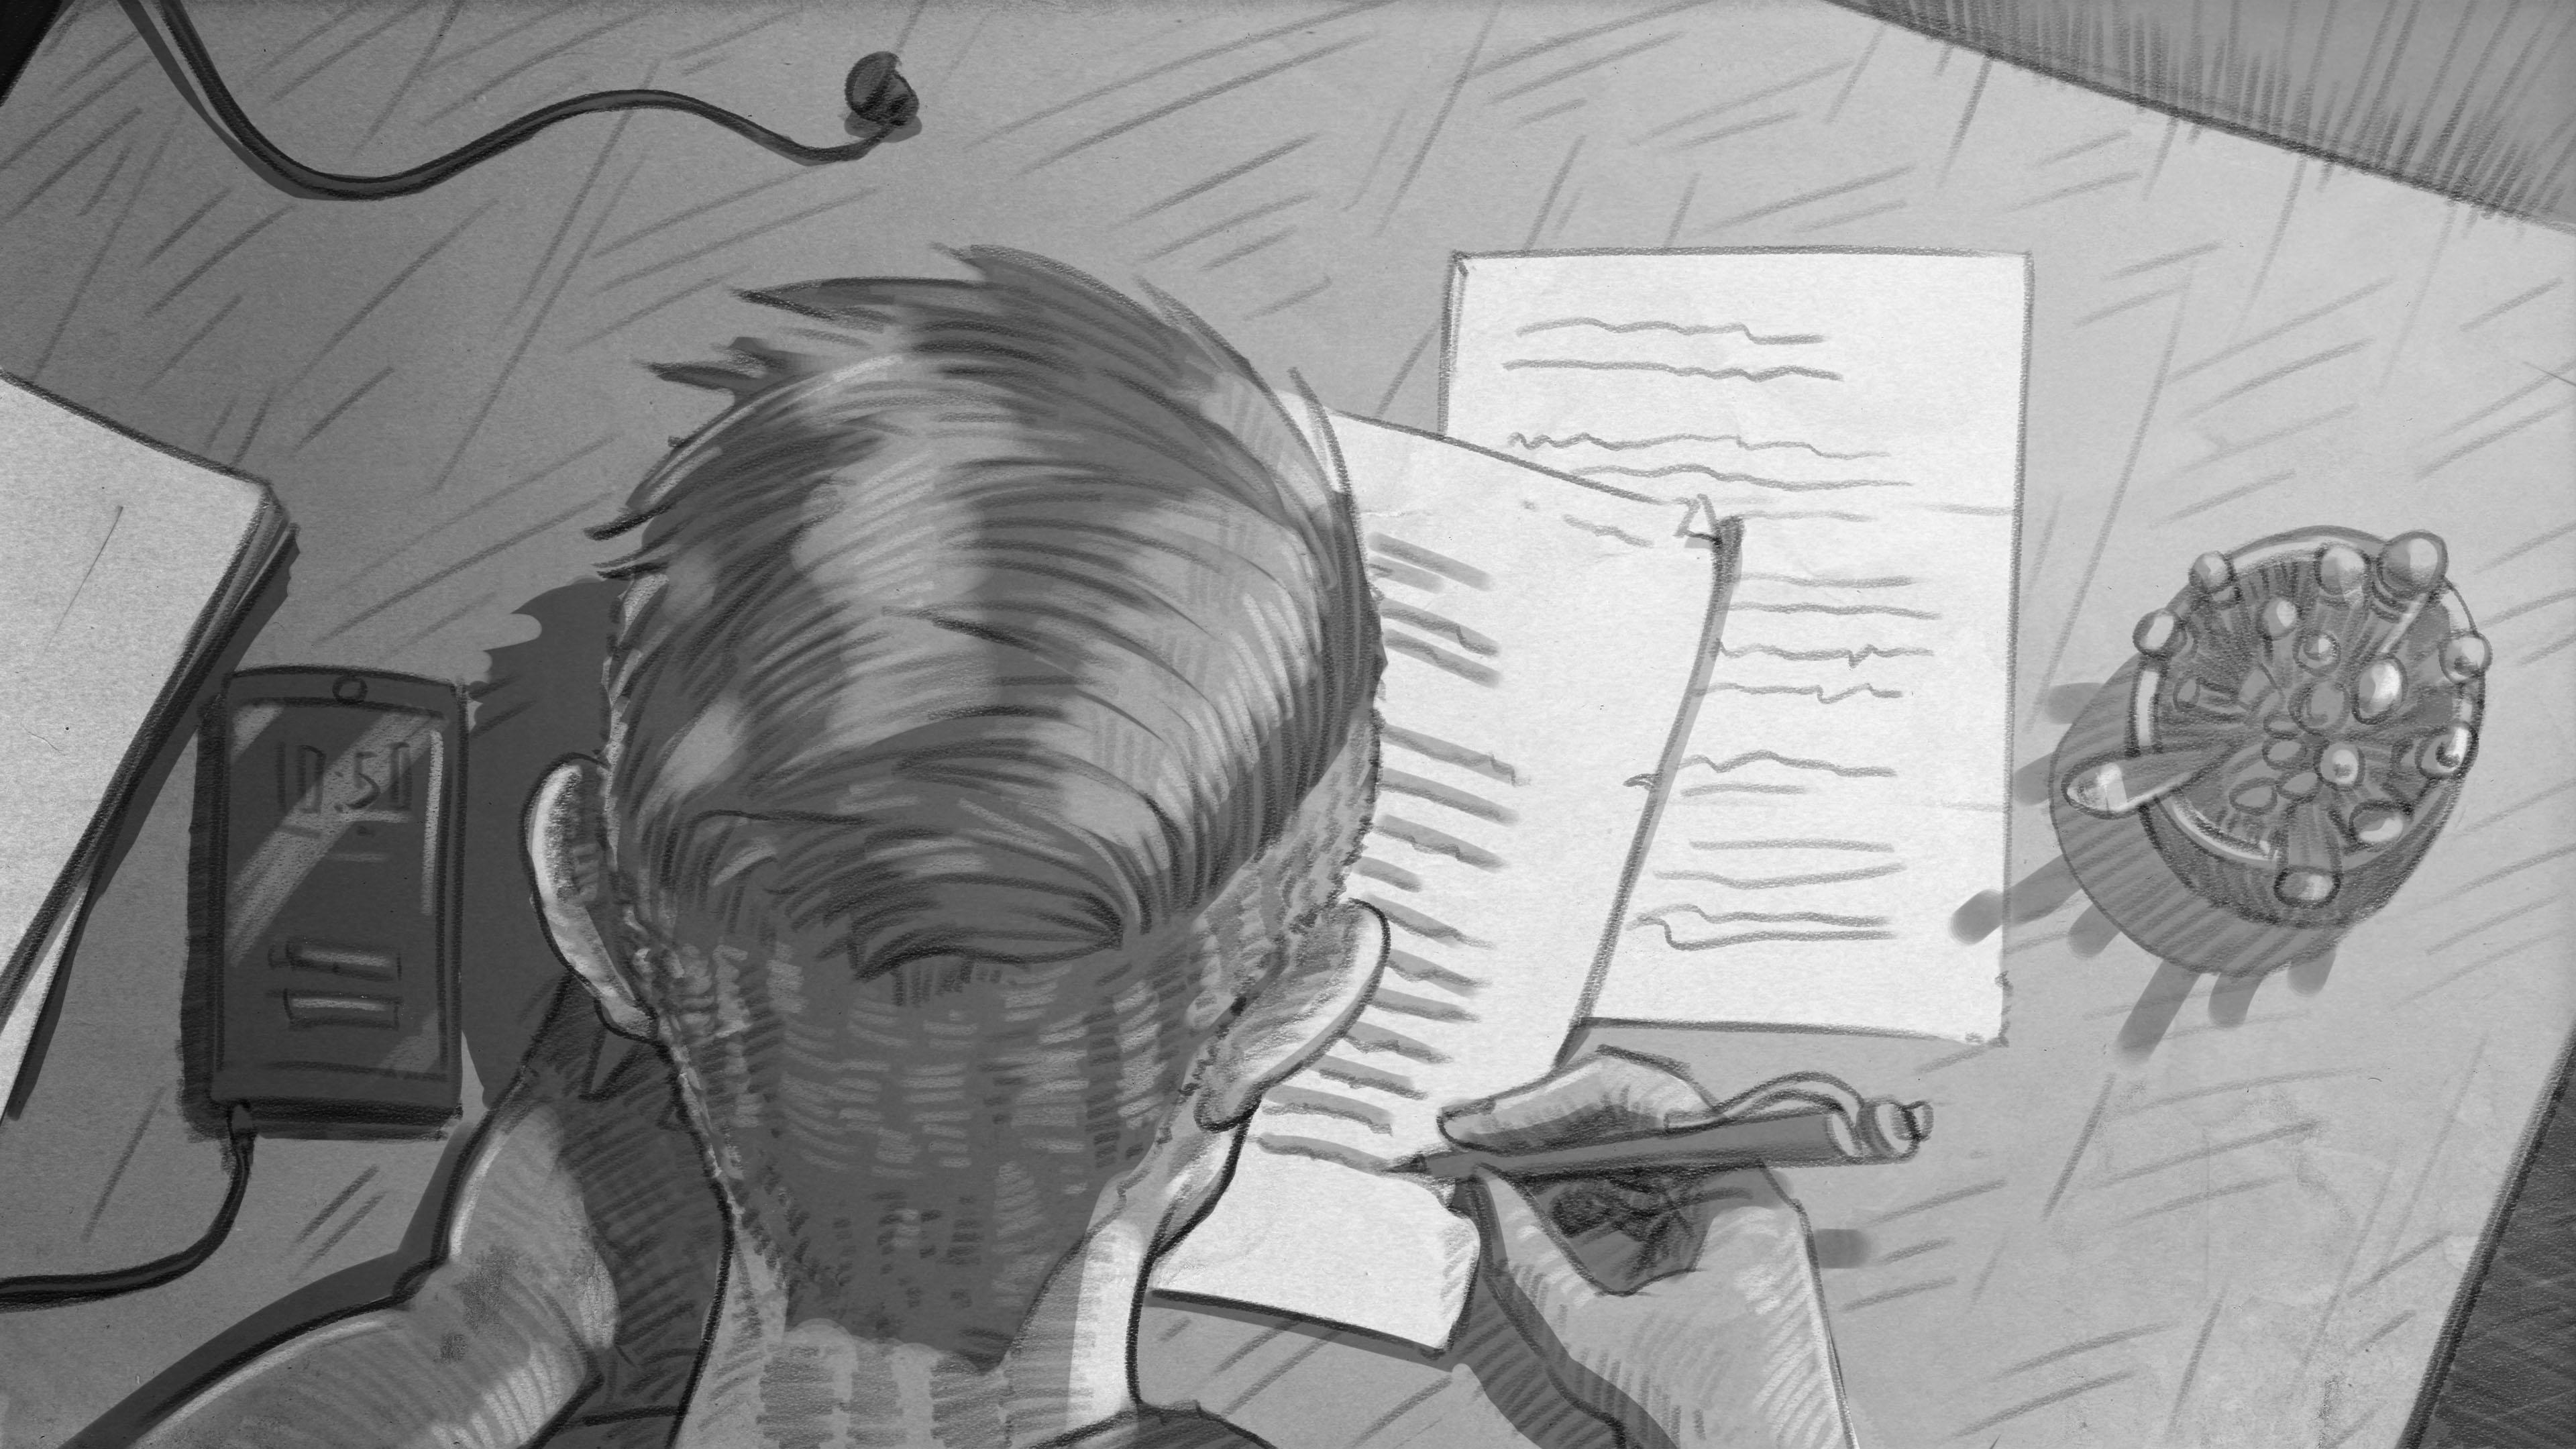 Illustration: Junge sitzt an Schreibtisch und schreibt einen Brief